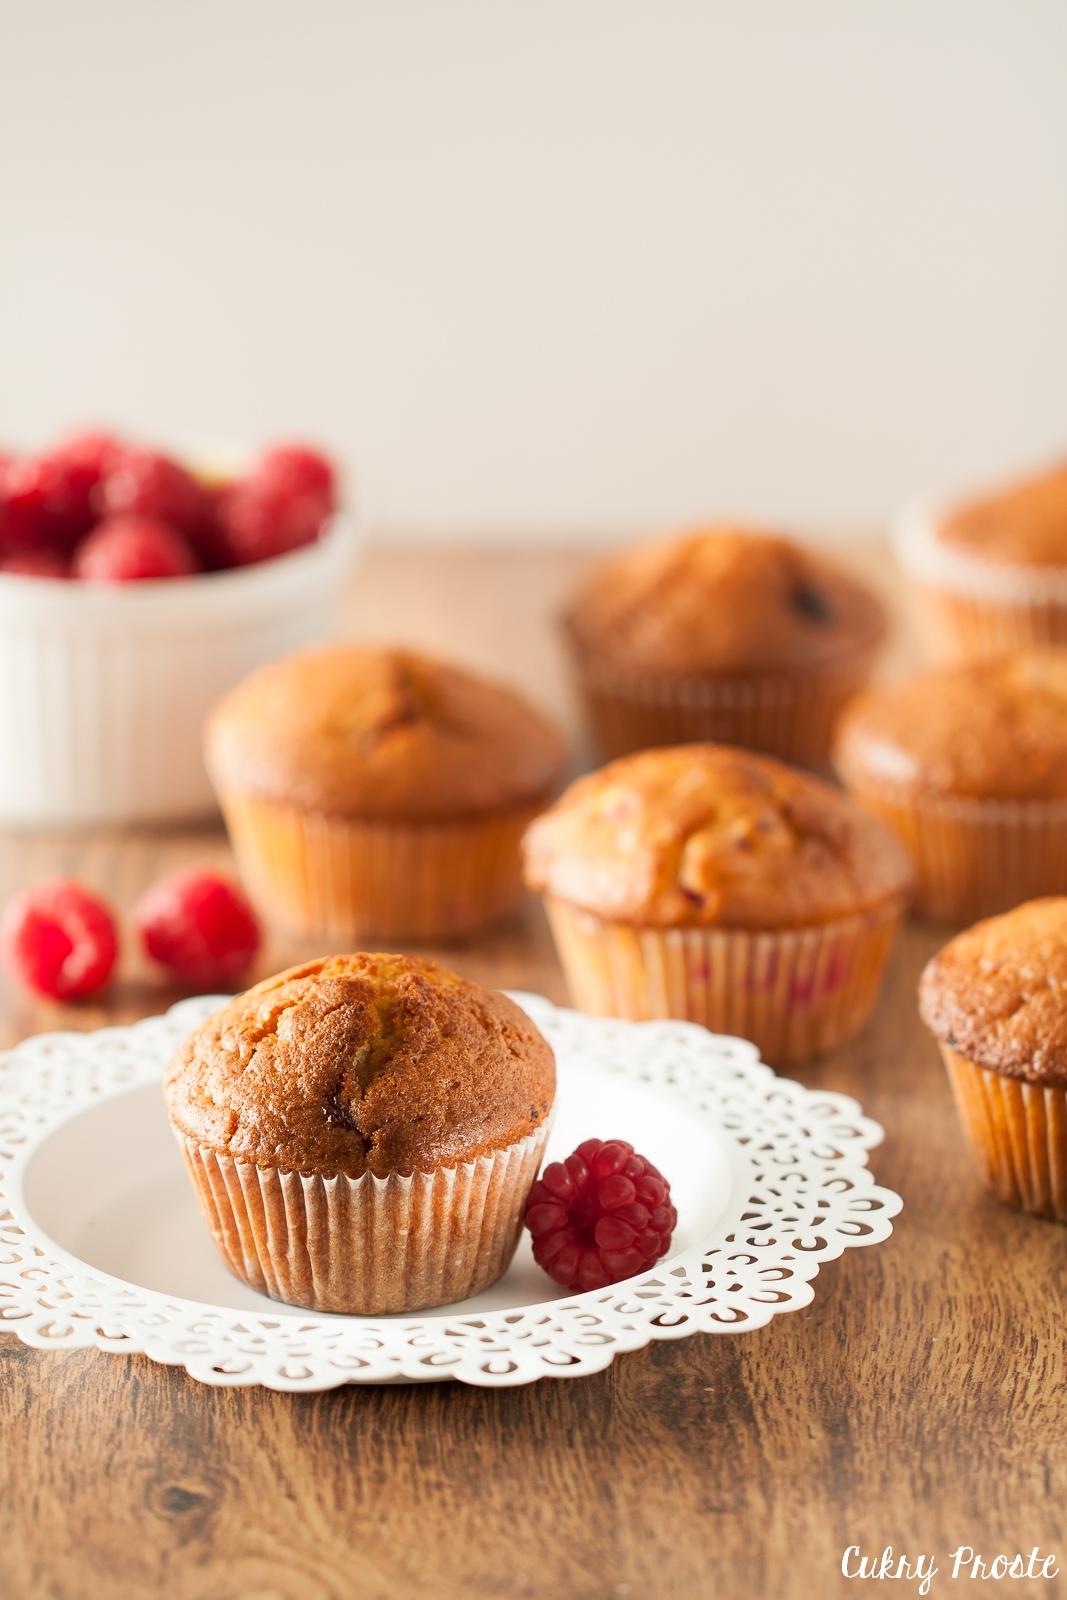 Maślane muffiny z malinami i białą czekoladą